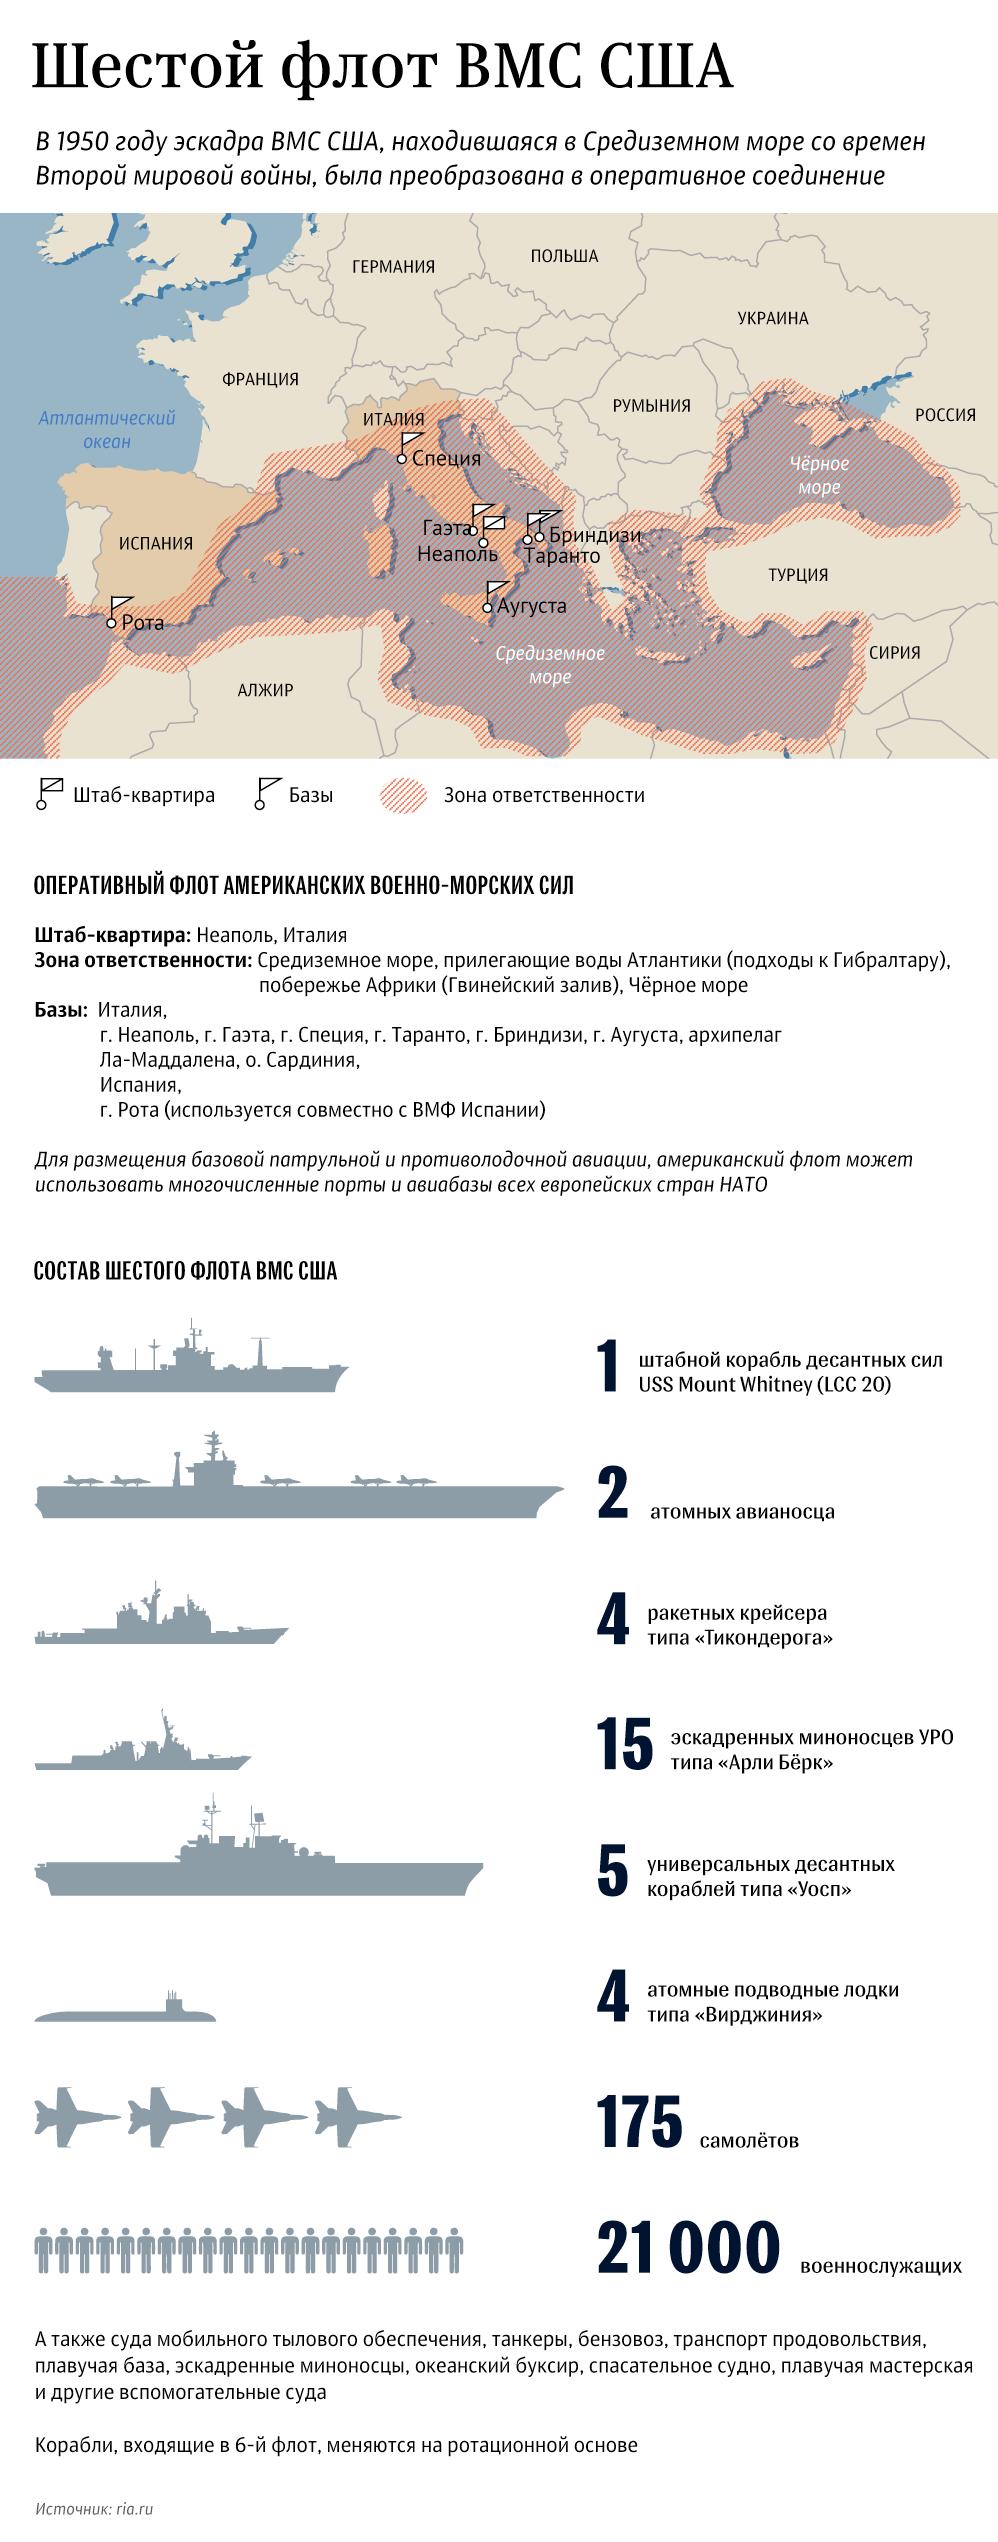 Шестой флот ВМС США.